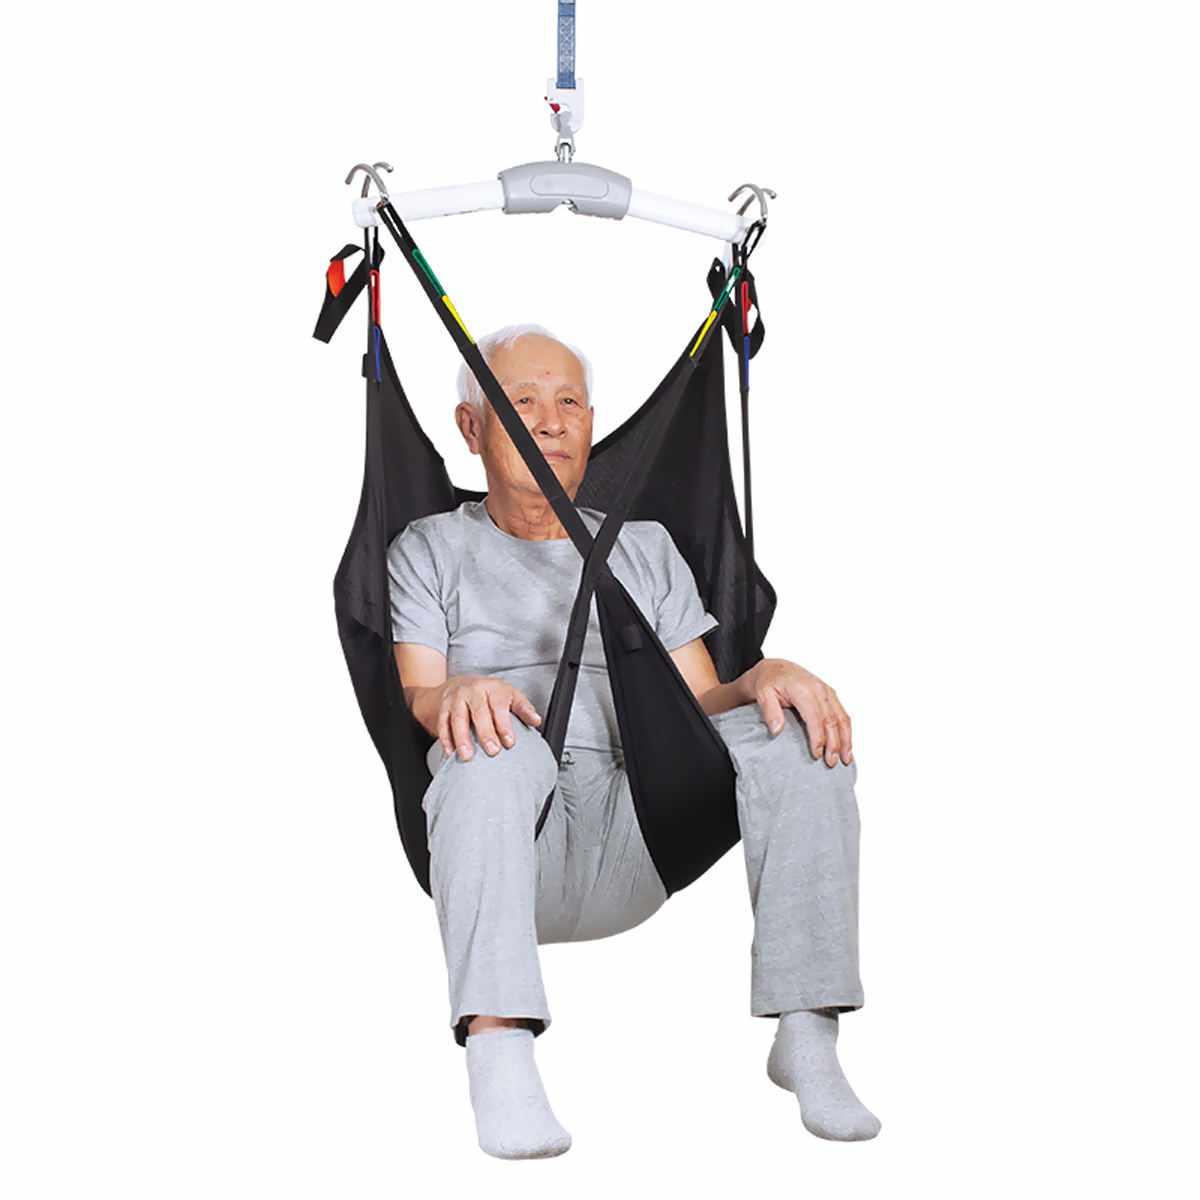 Prism Medical Universal Spacer Sling